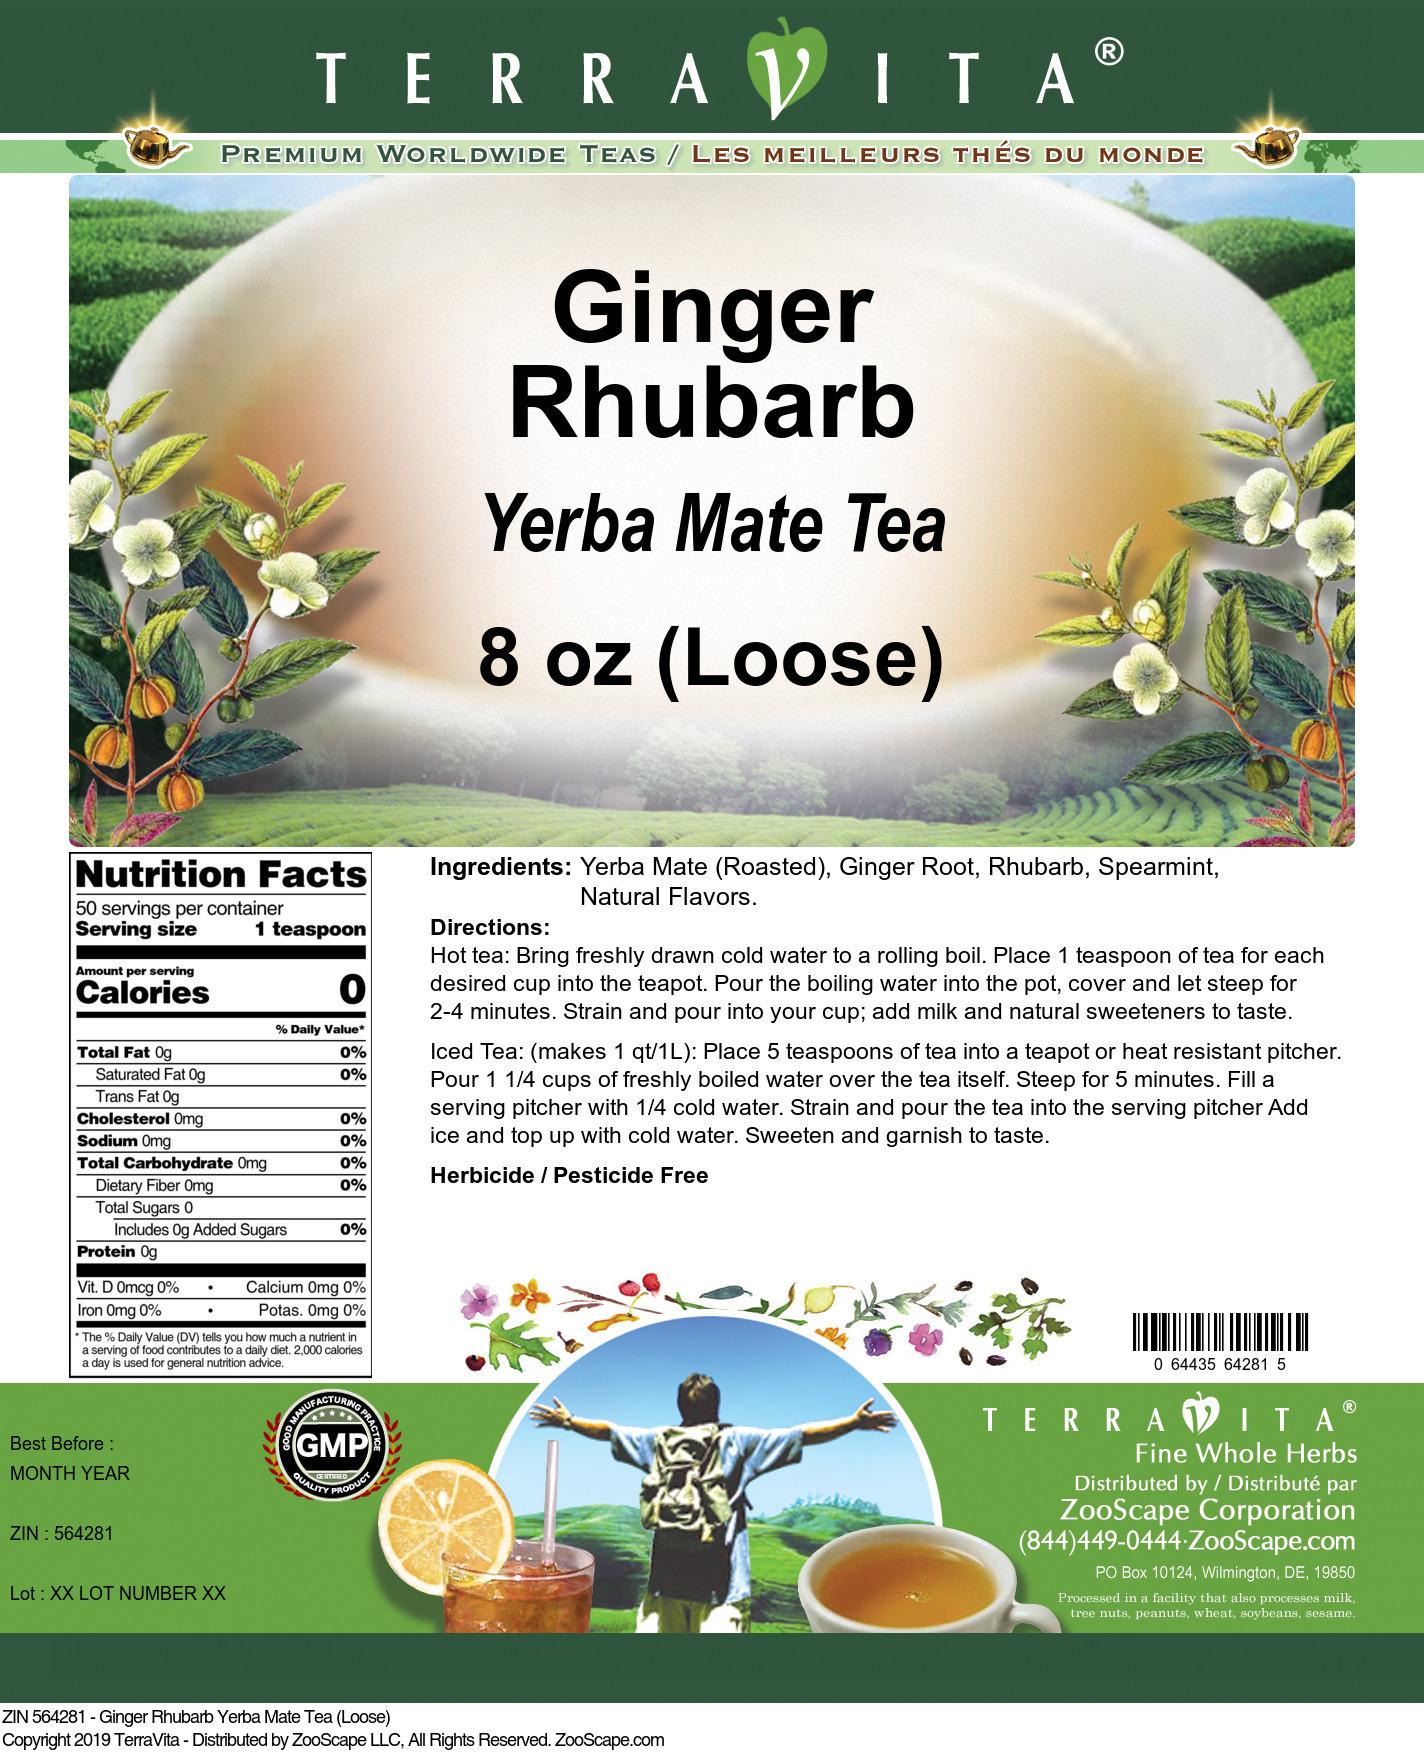 Ginger Rhubarb Yerba Mate Tea (Loose)